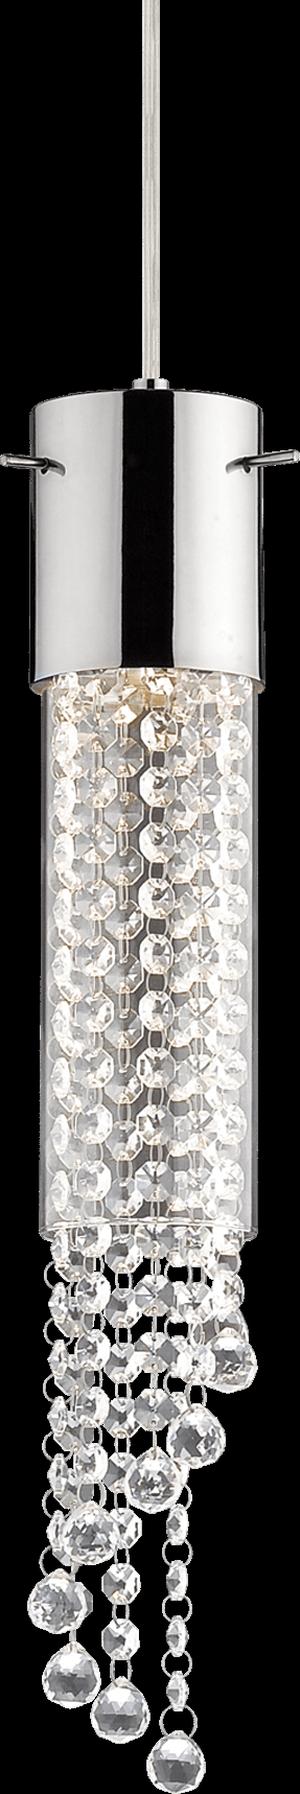 Ideal lux LED Gocce závesné svietidlo 5W 89669